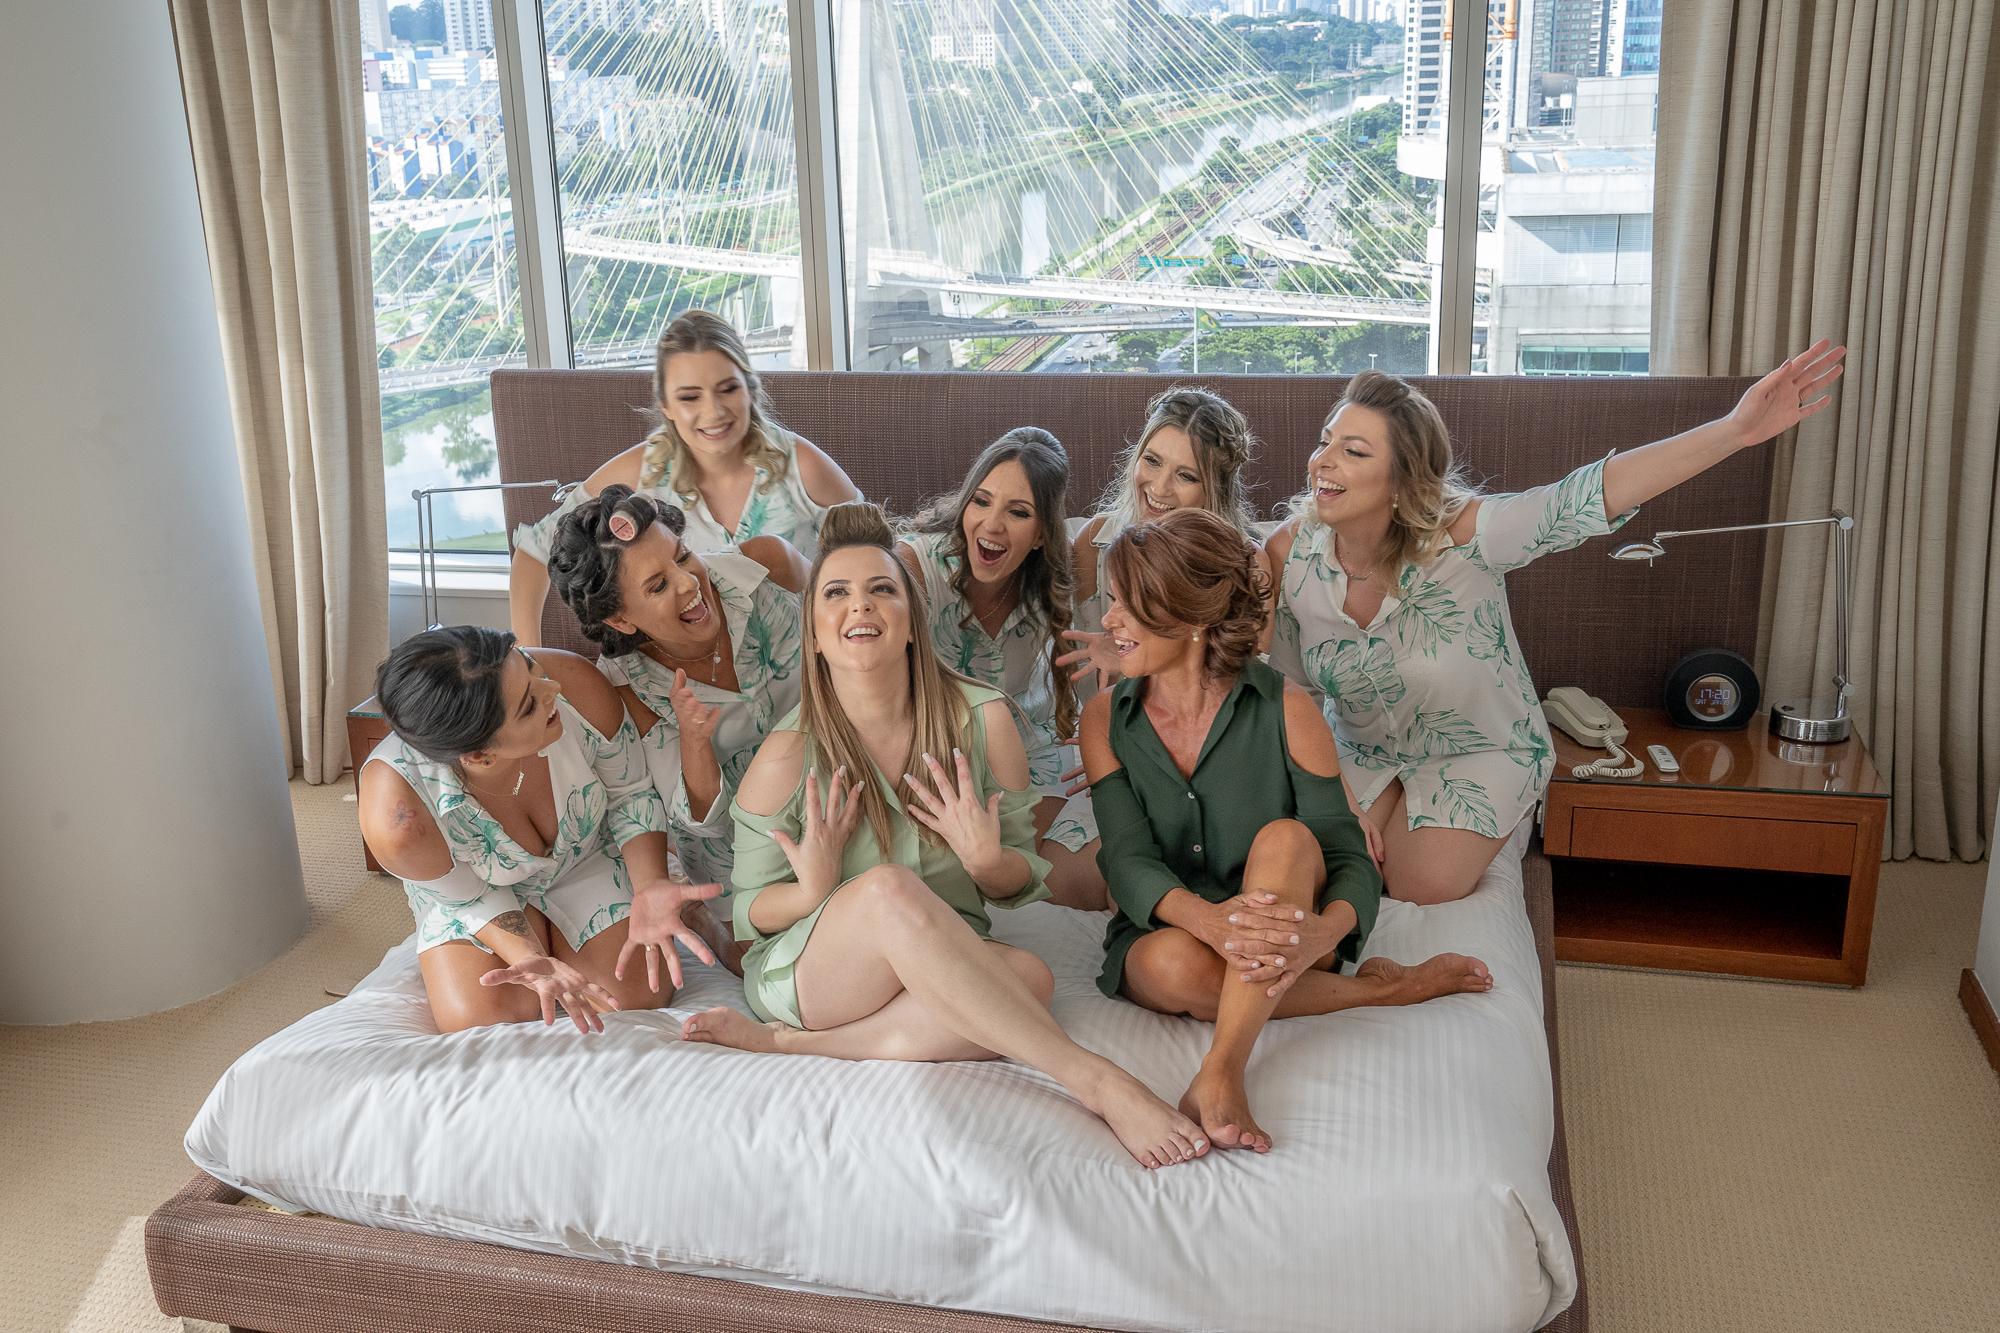 Na imagem, é possível ver oito mulheres sentadas em uma cama, do hotel, todas em volta da noiva, que está ao centro sorrindo